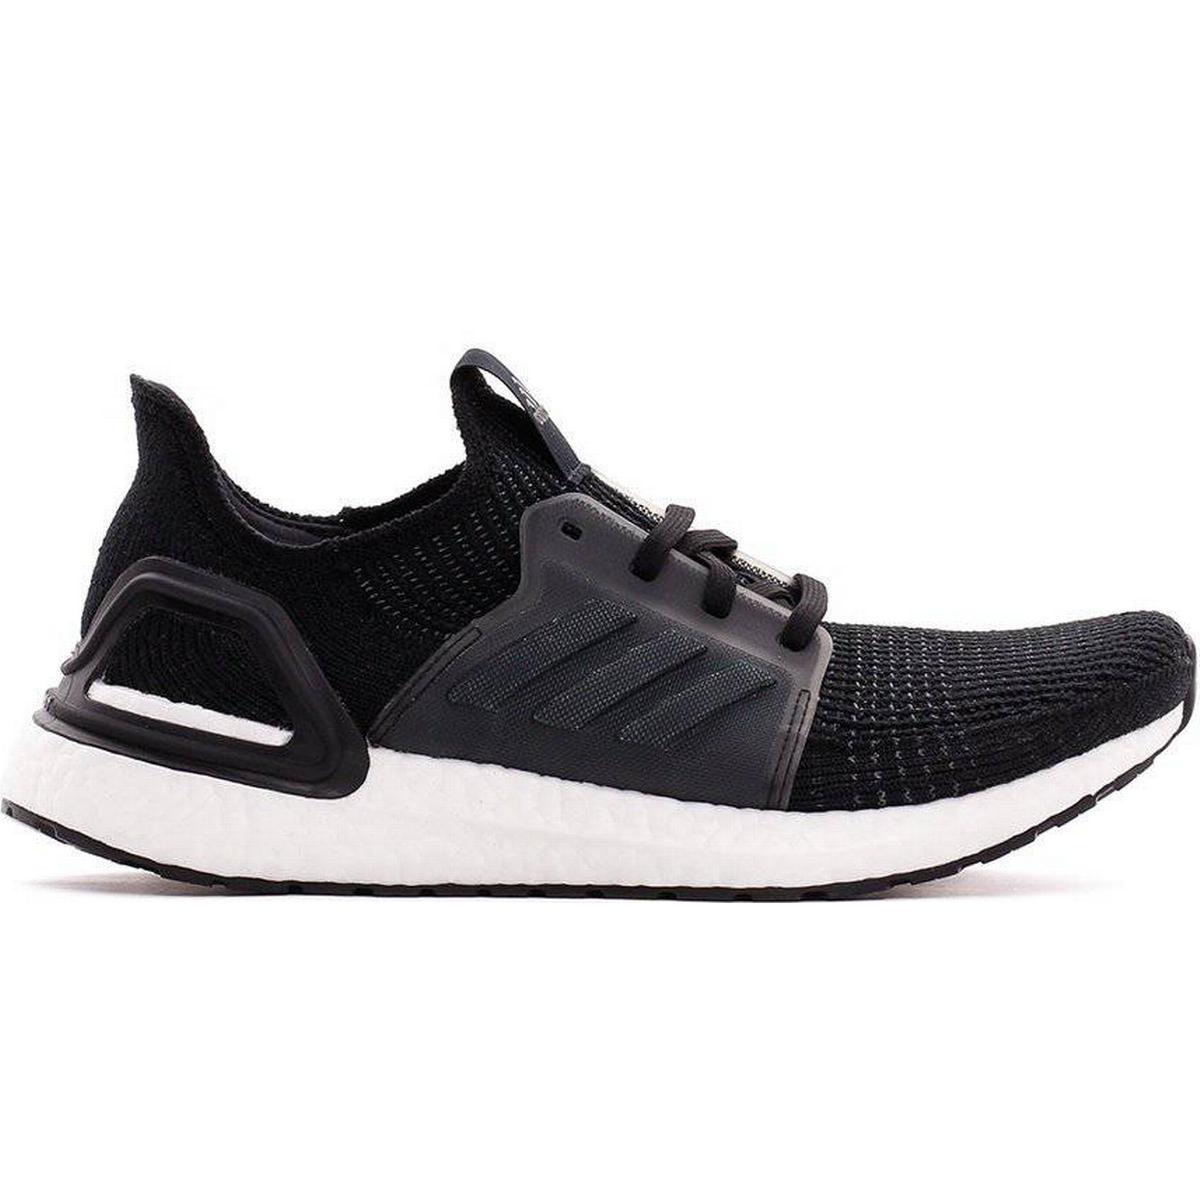 2019 Adidas Ultra Boost 3.0 Herre Sko Oliven Sort Hvid